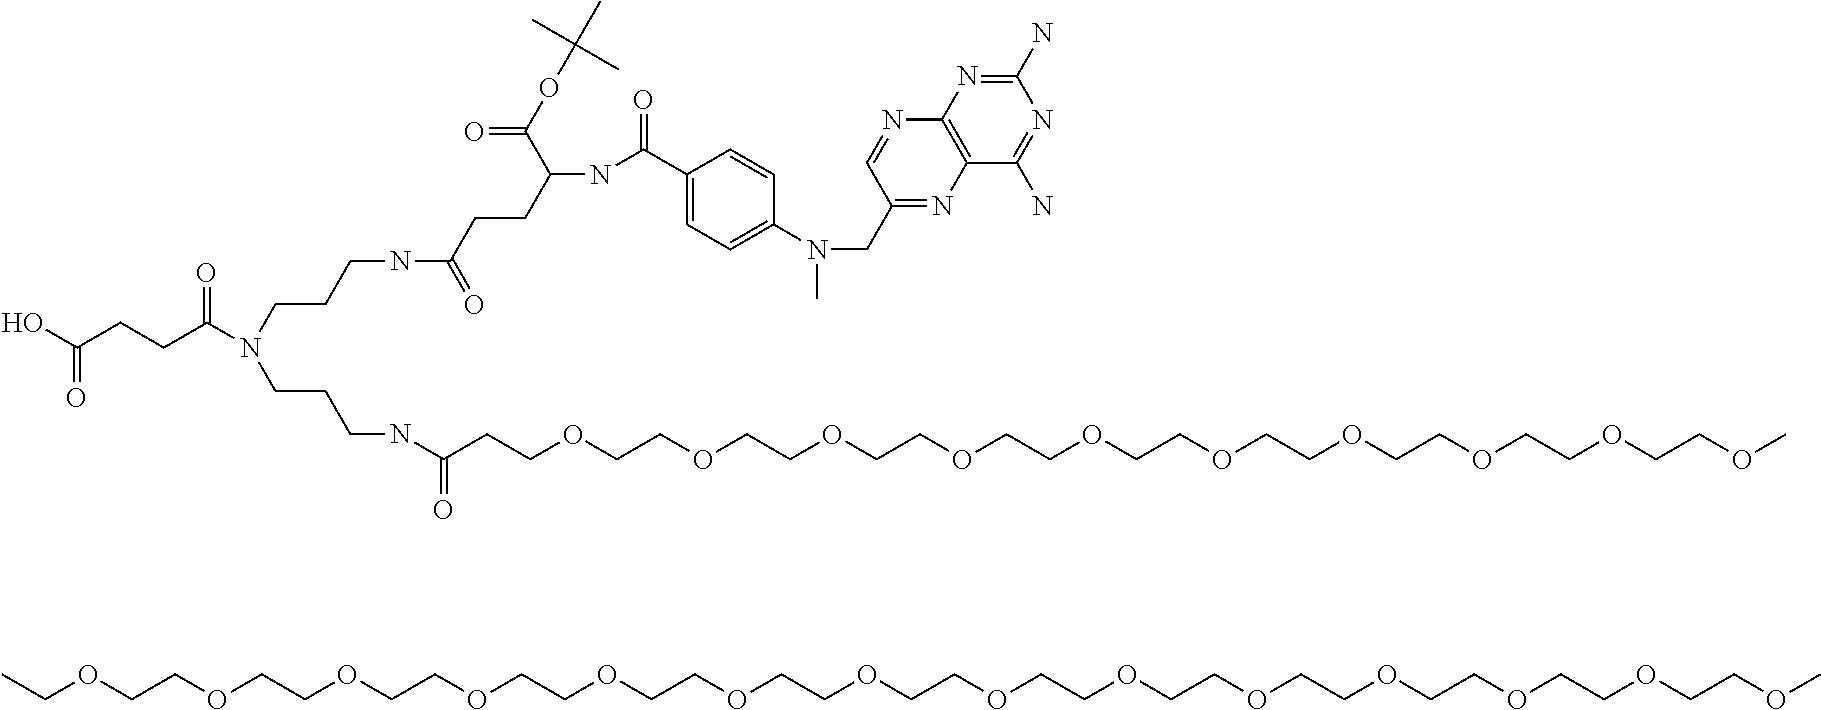 Figure US08586705-20131119-C00107